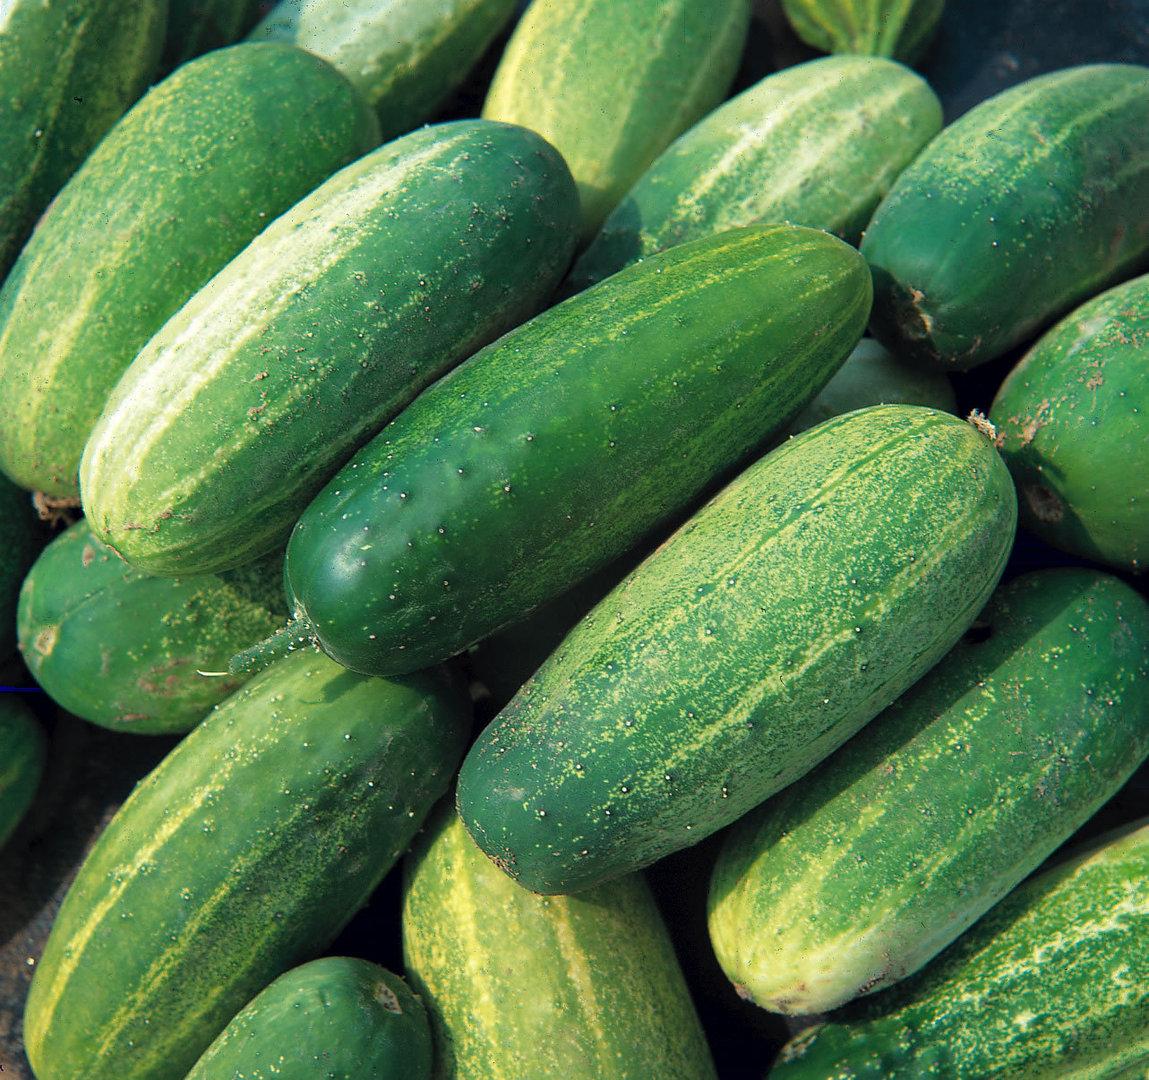 Cucumber Pickling Gherkin Rufus Vegetable EU Standard Garden Seeds UK